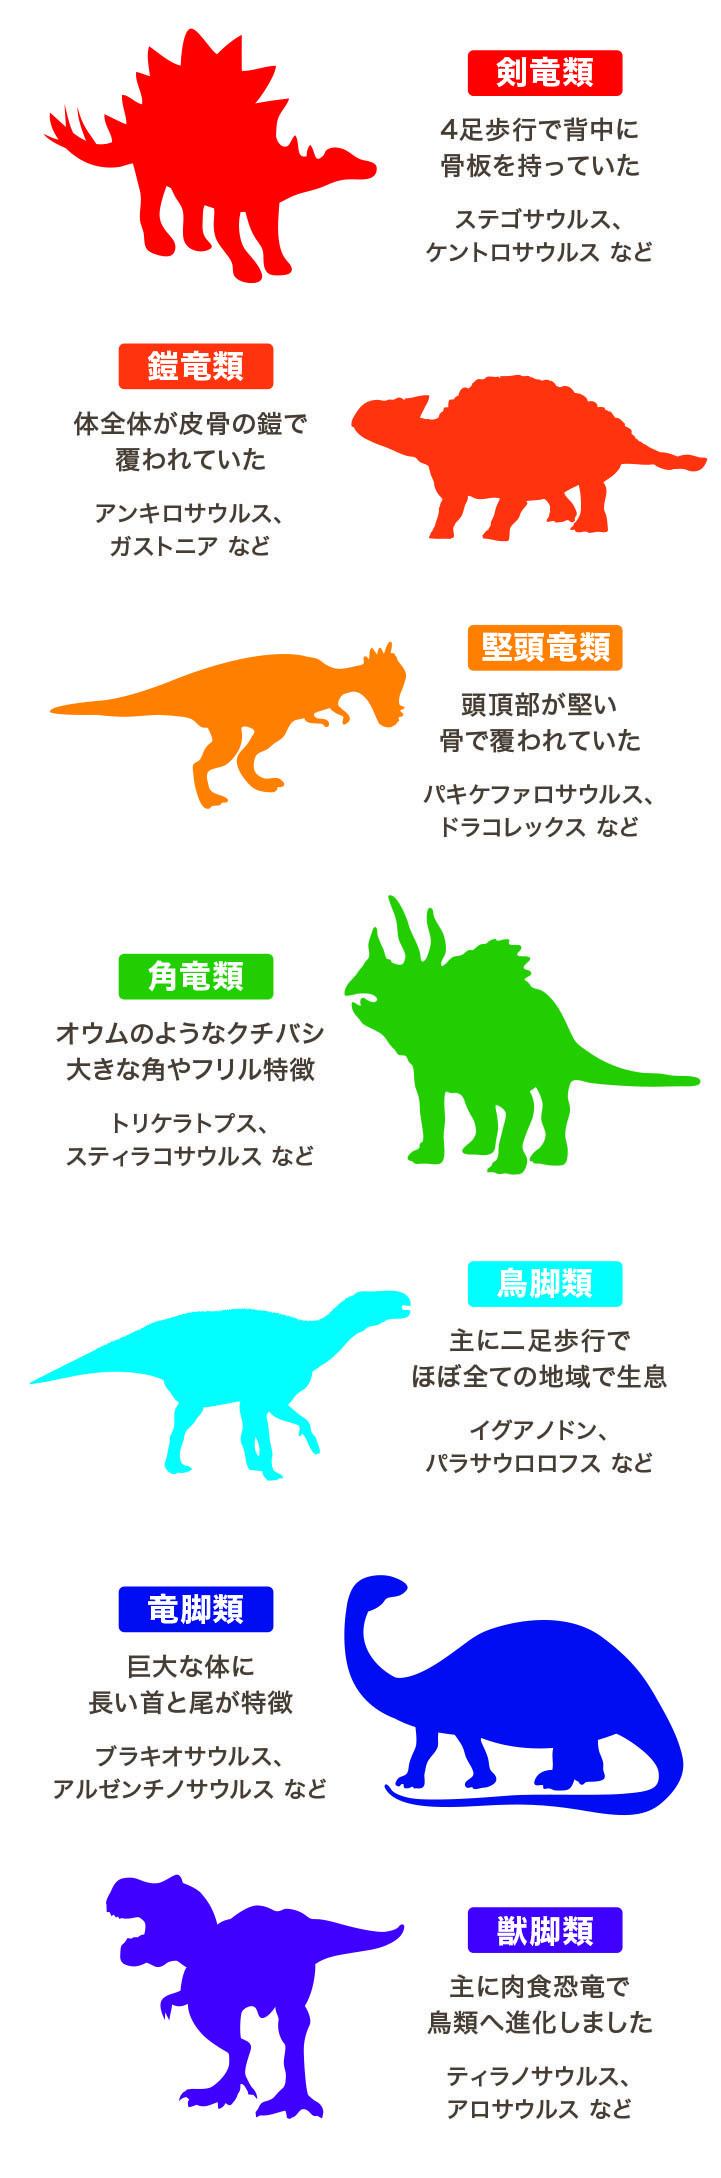 kyouryuutaipu2.jpg